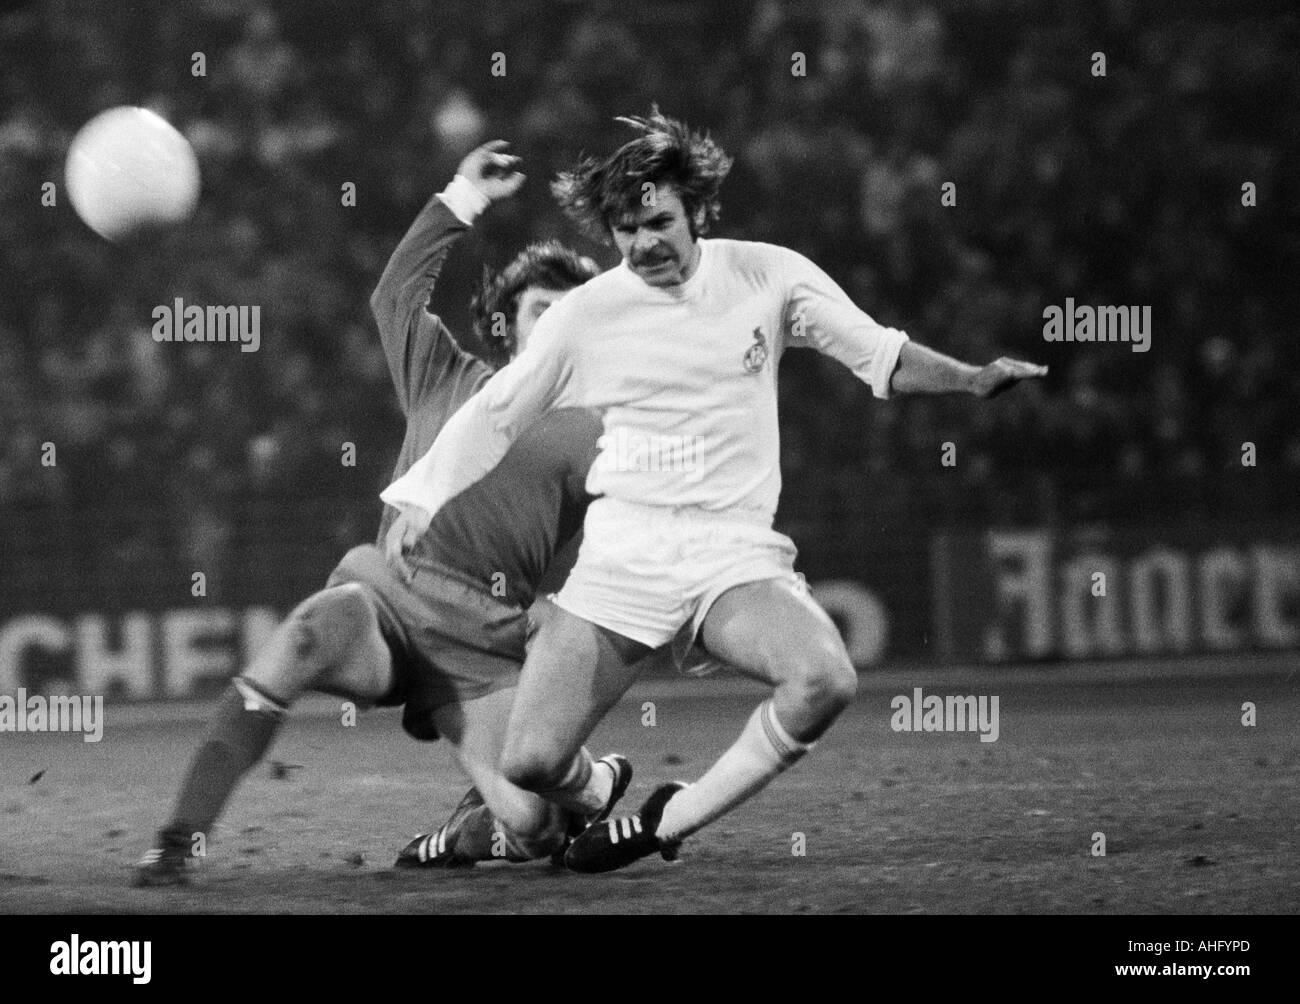 football, Bundesliga, 1973/1974, FC Schalke 04 versus 1. FC Cologne 2:2, Park Stadium in Gelsenkirchen, scene of the match, duel between Wolfgang Weber (Koeln) ahead and Klaus Fischer (S04) - Stock Image